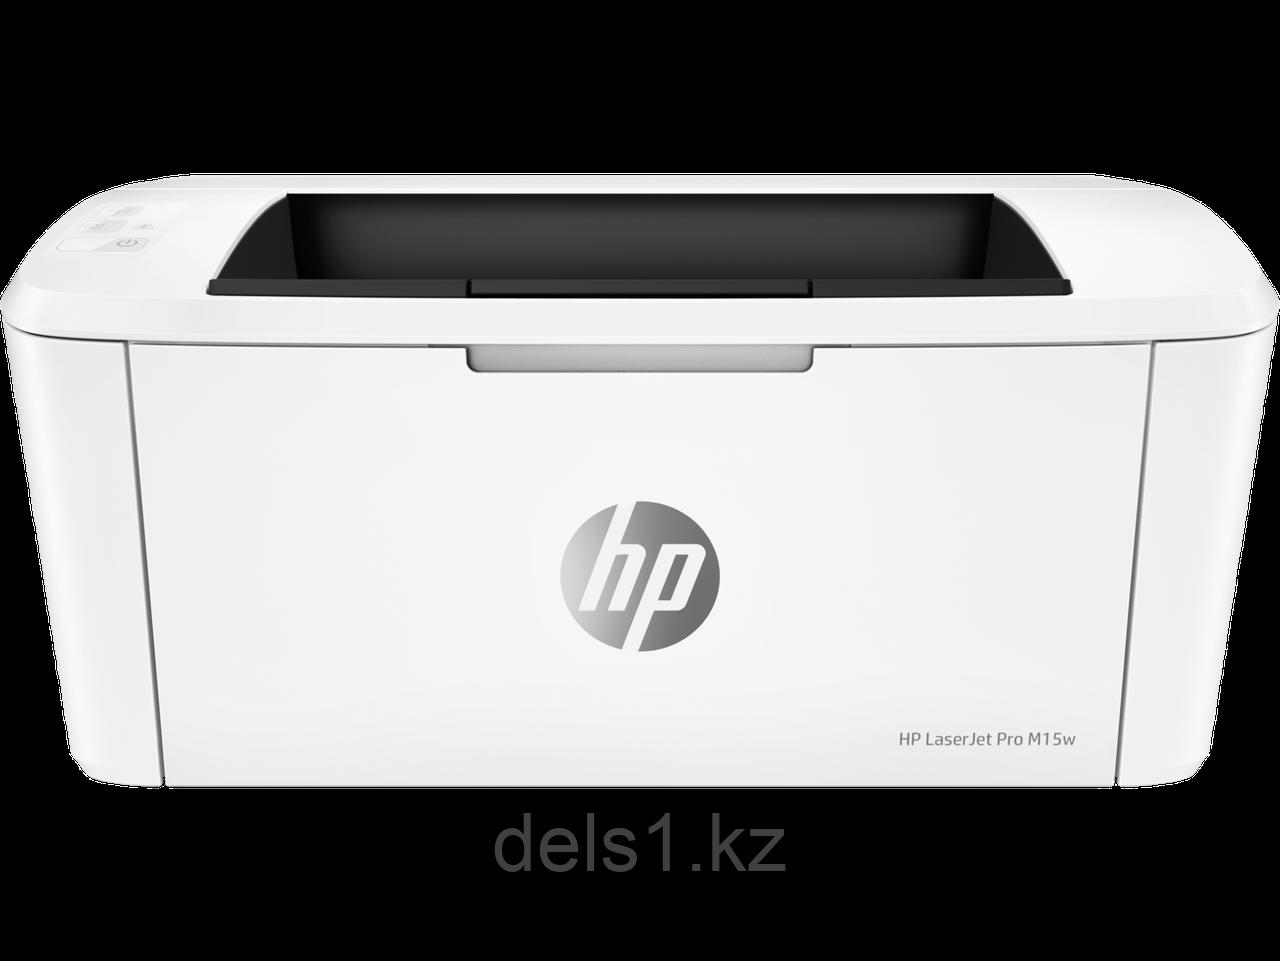 Лазерный принтер HP LaserJet Pro M15w для черно-белой печати